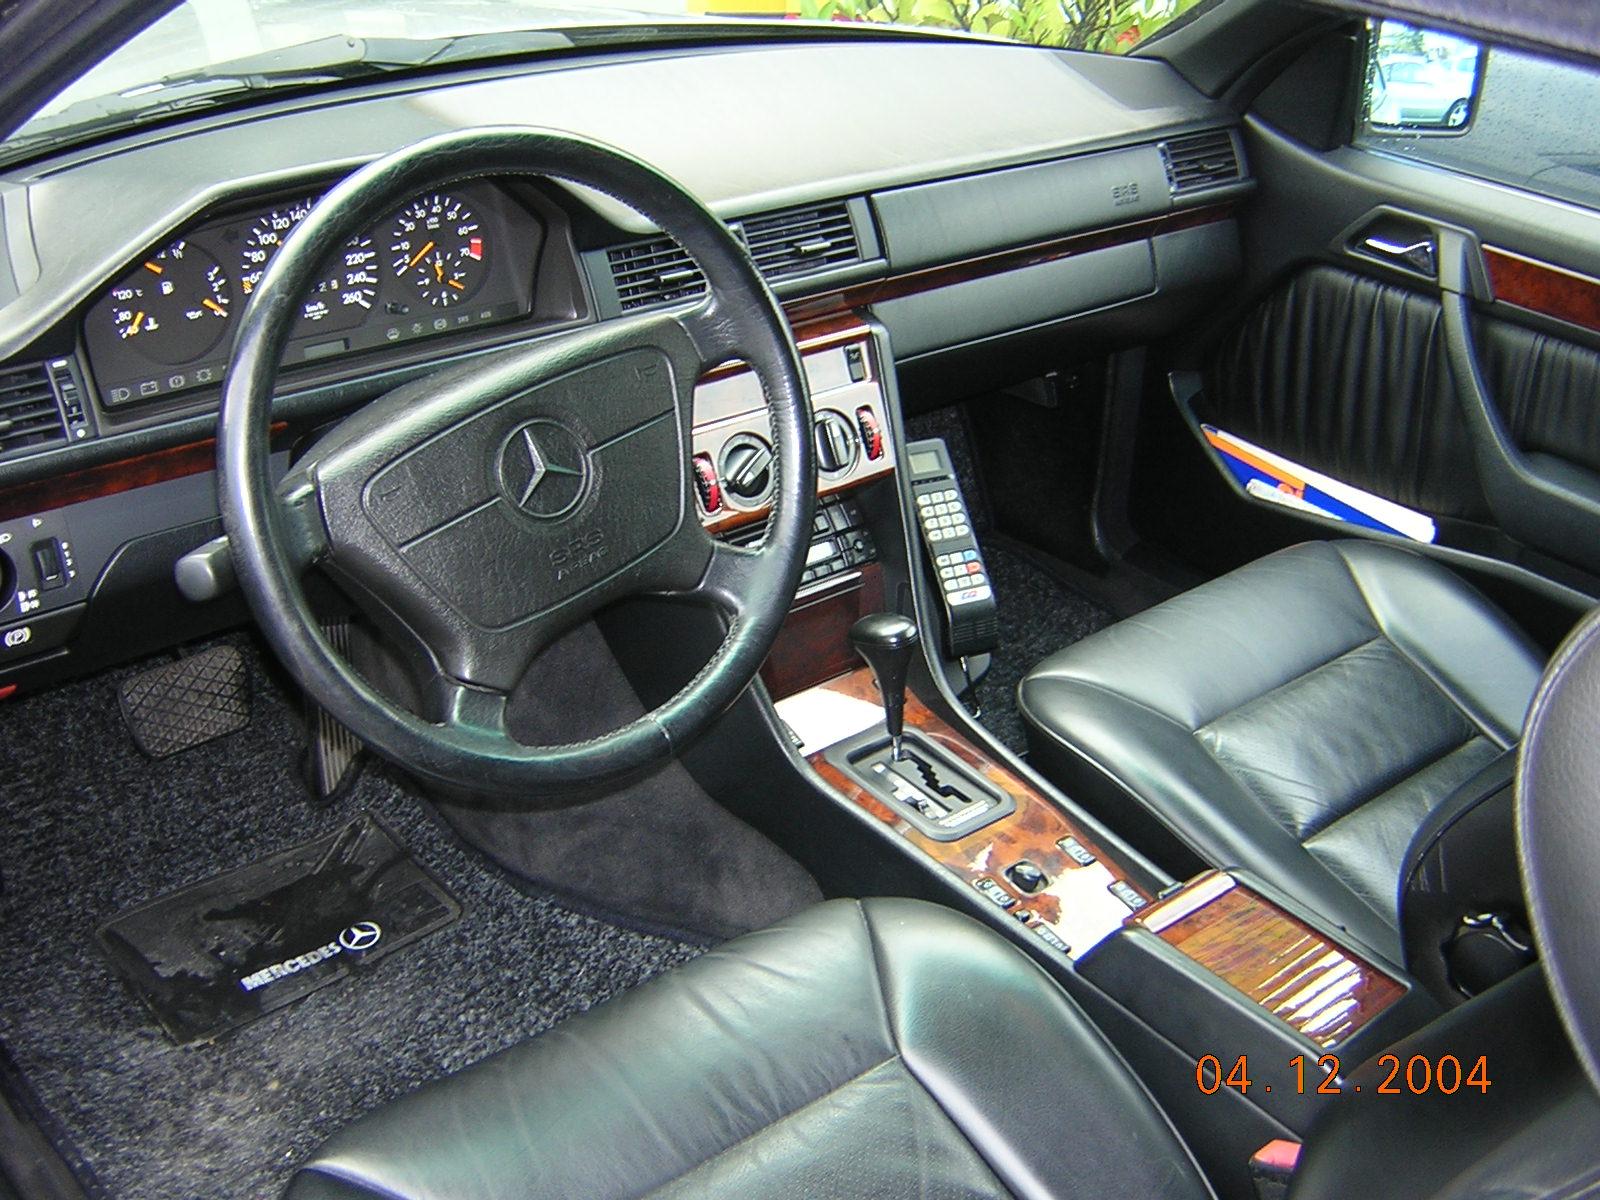 Mercedes benz 300 voitures sp cifications techniques et la consommation de carburant